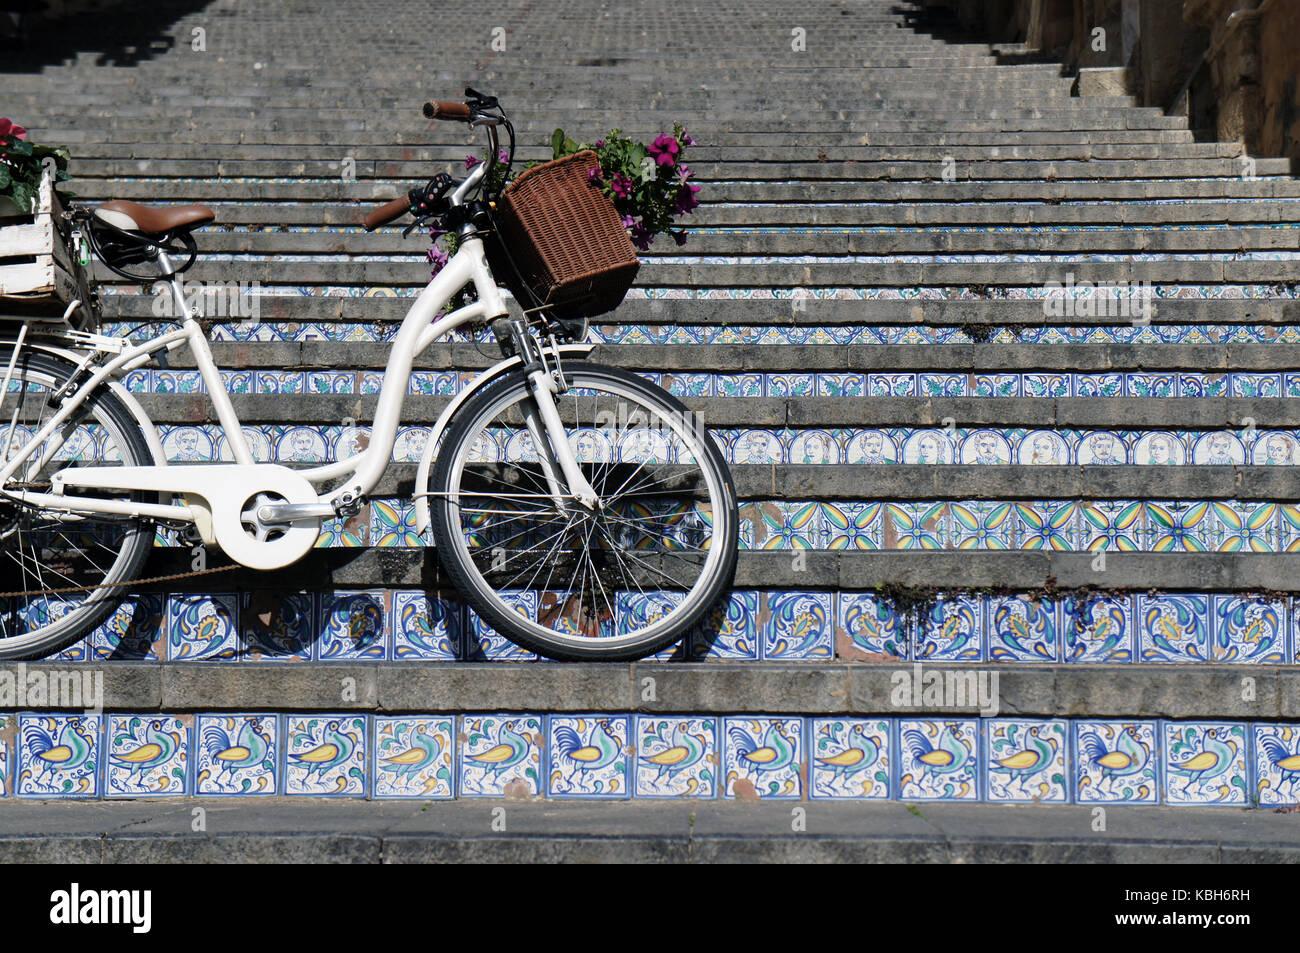 Bicicletta sulla scalinata con gradini fatti di piastrelle ceramiche